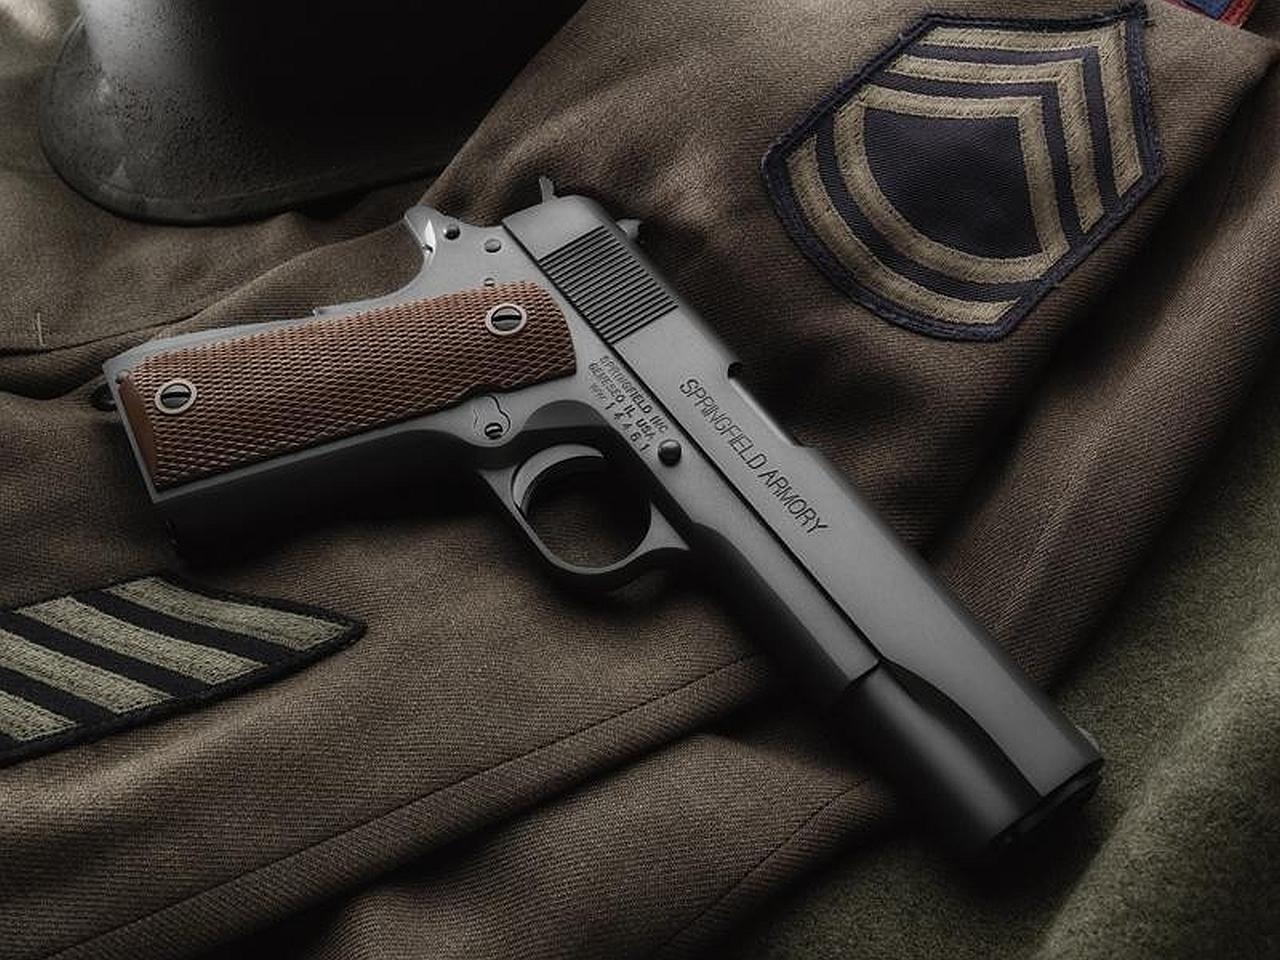 Kimber Pistol Wallpaper 21   1280 X 960 stmednet 1280x960